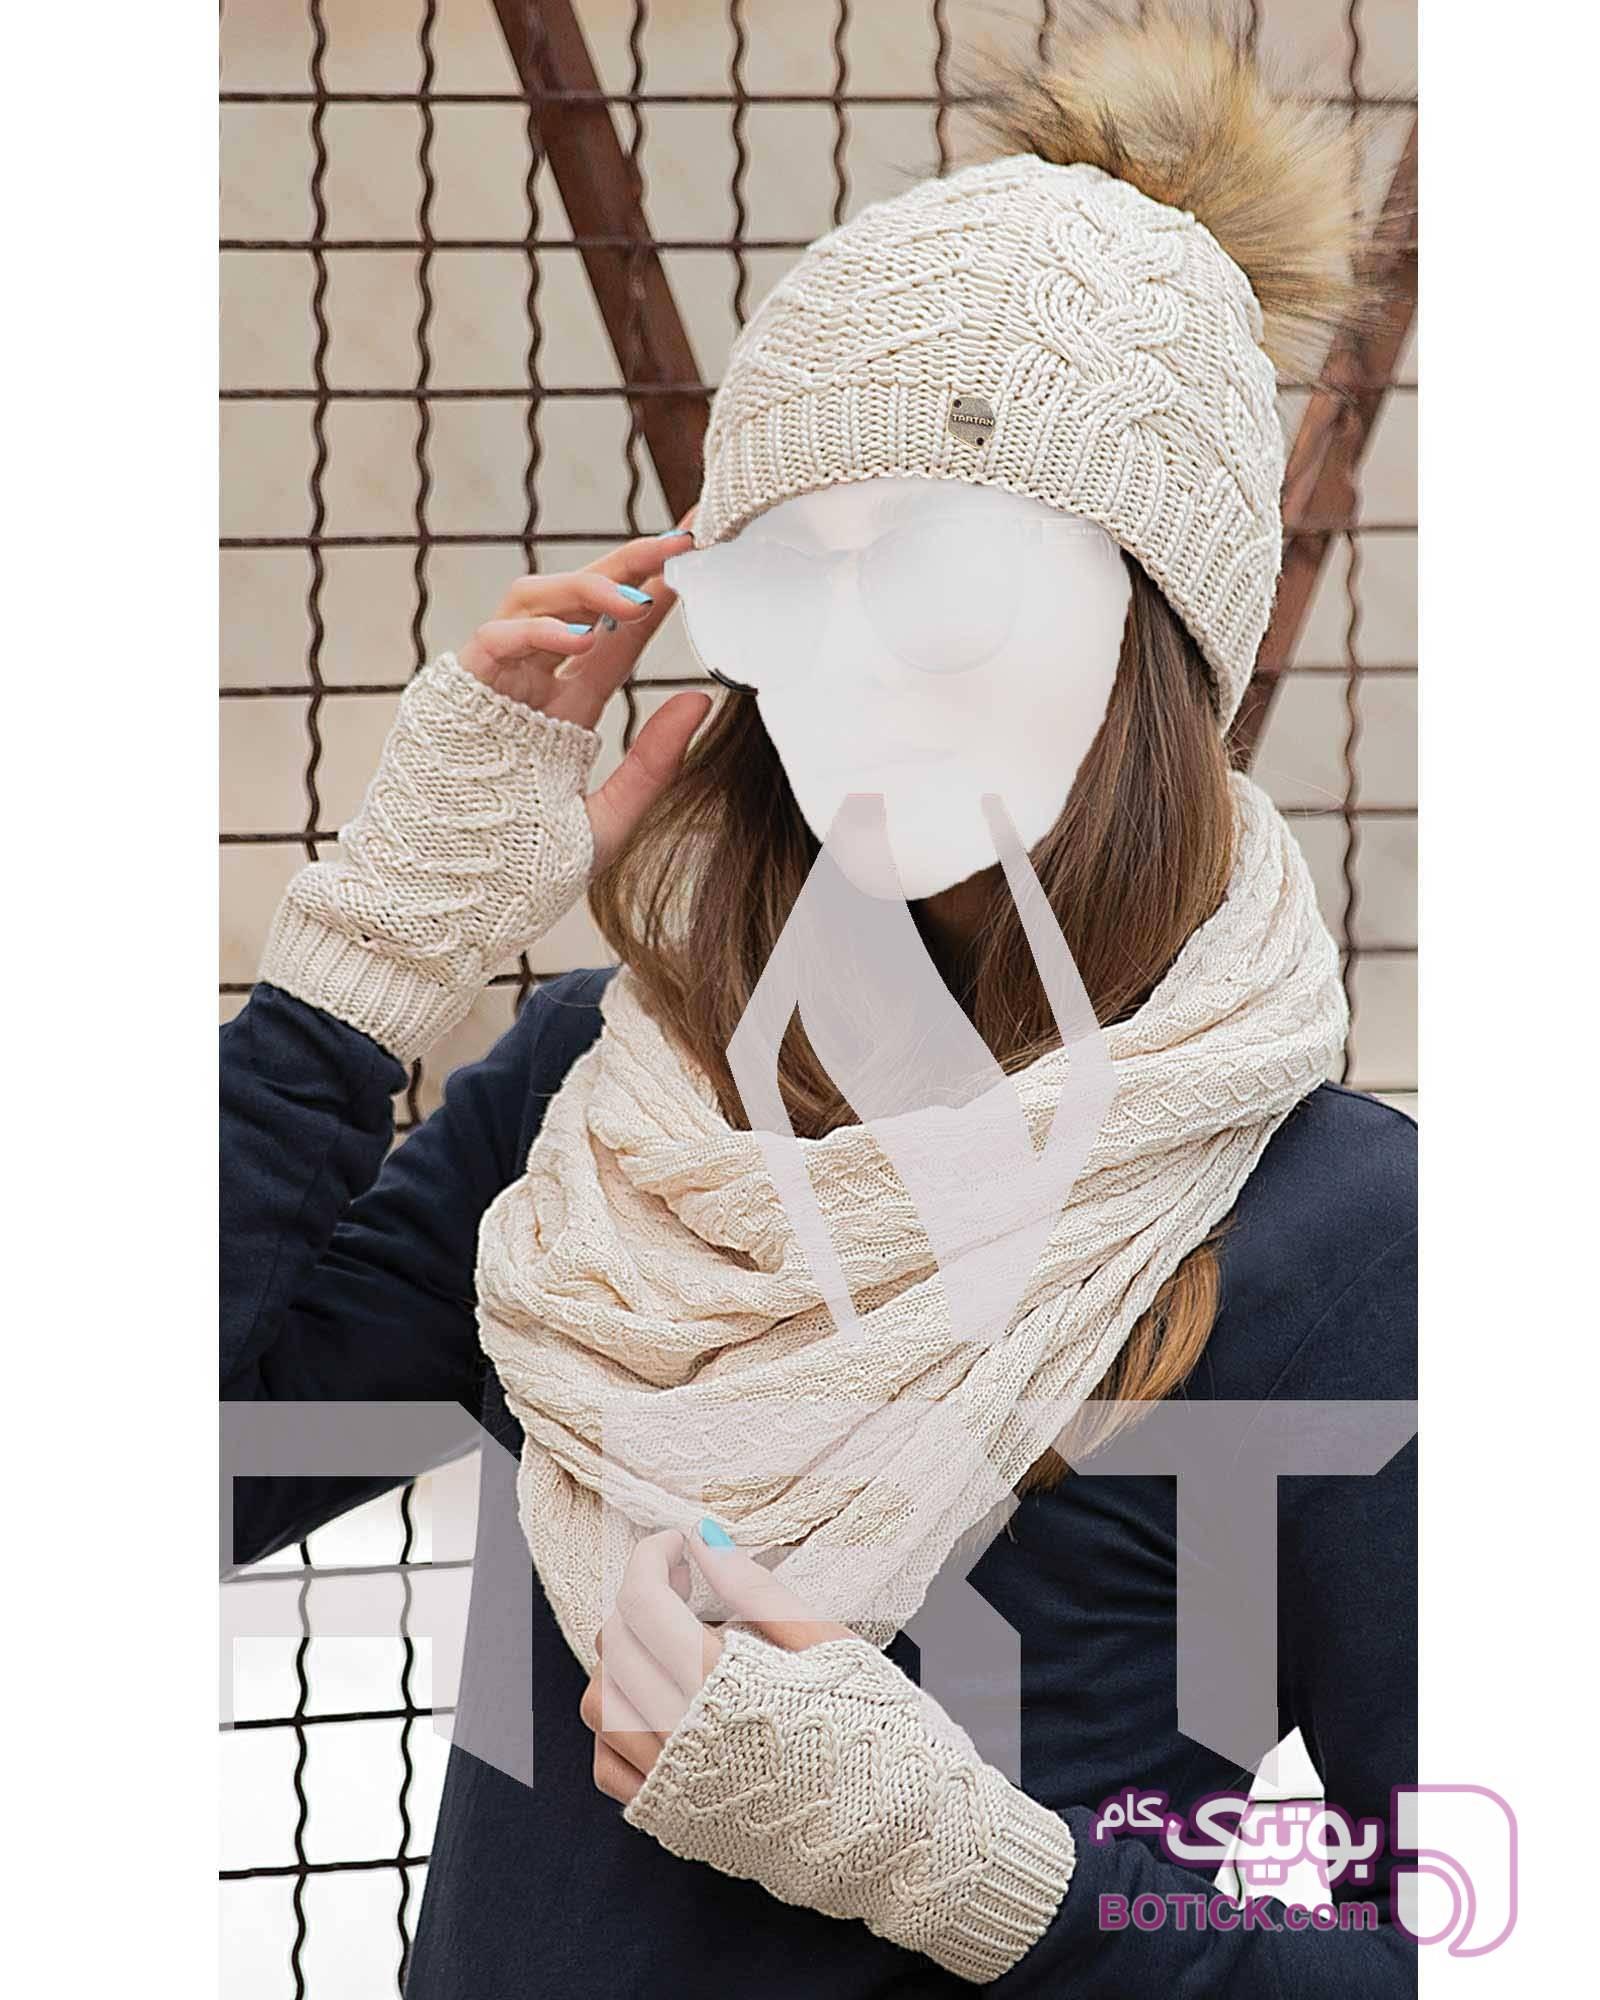 ست کلاه و شال بافت و دستکش مشکی کلاه بافت و شال گردن و دستکش